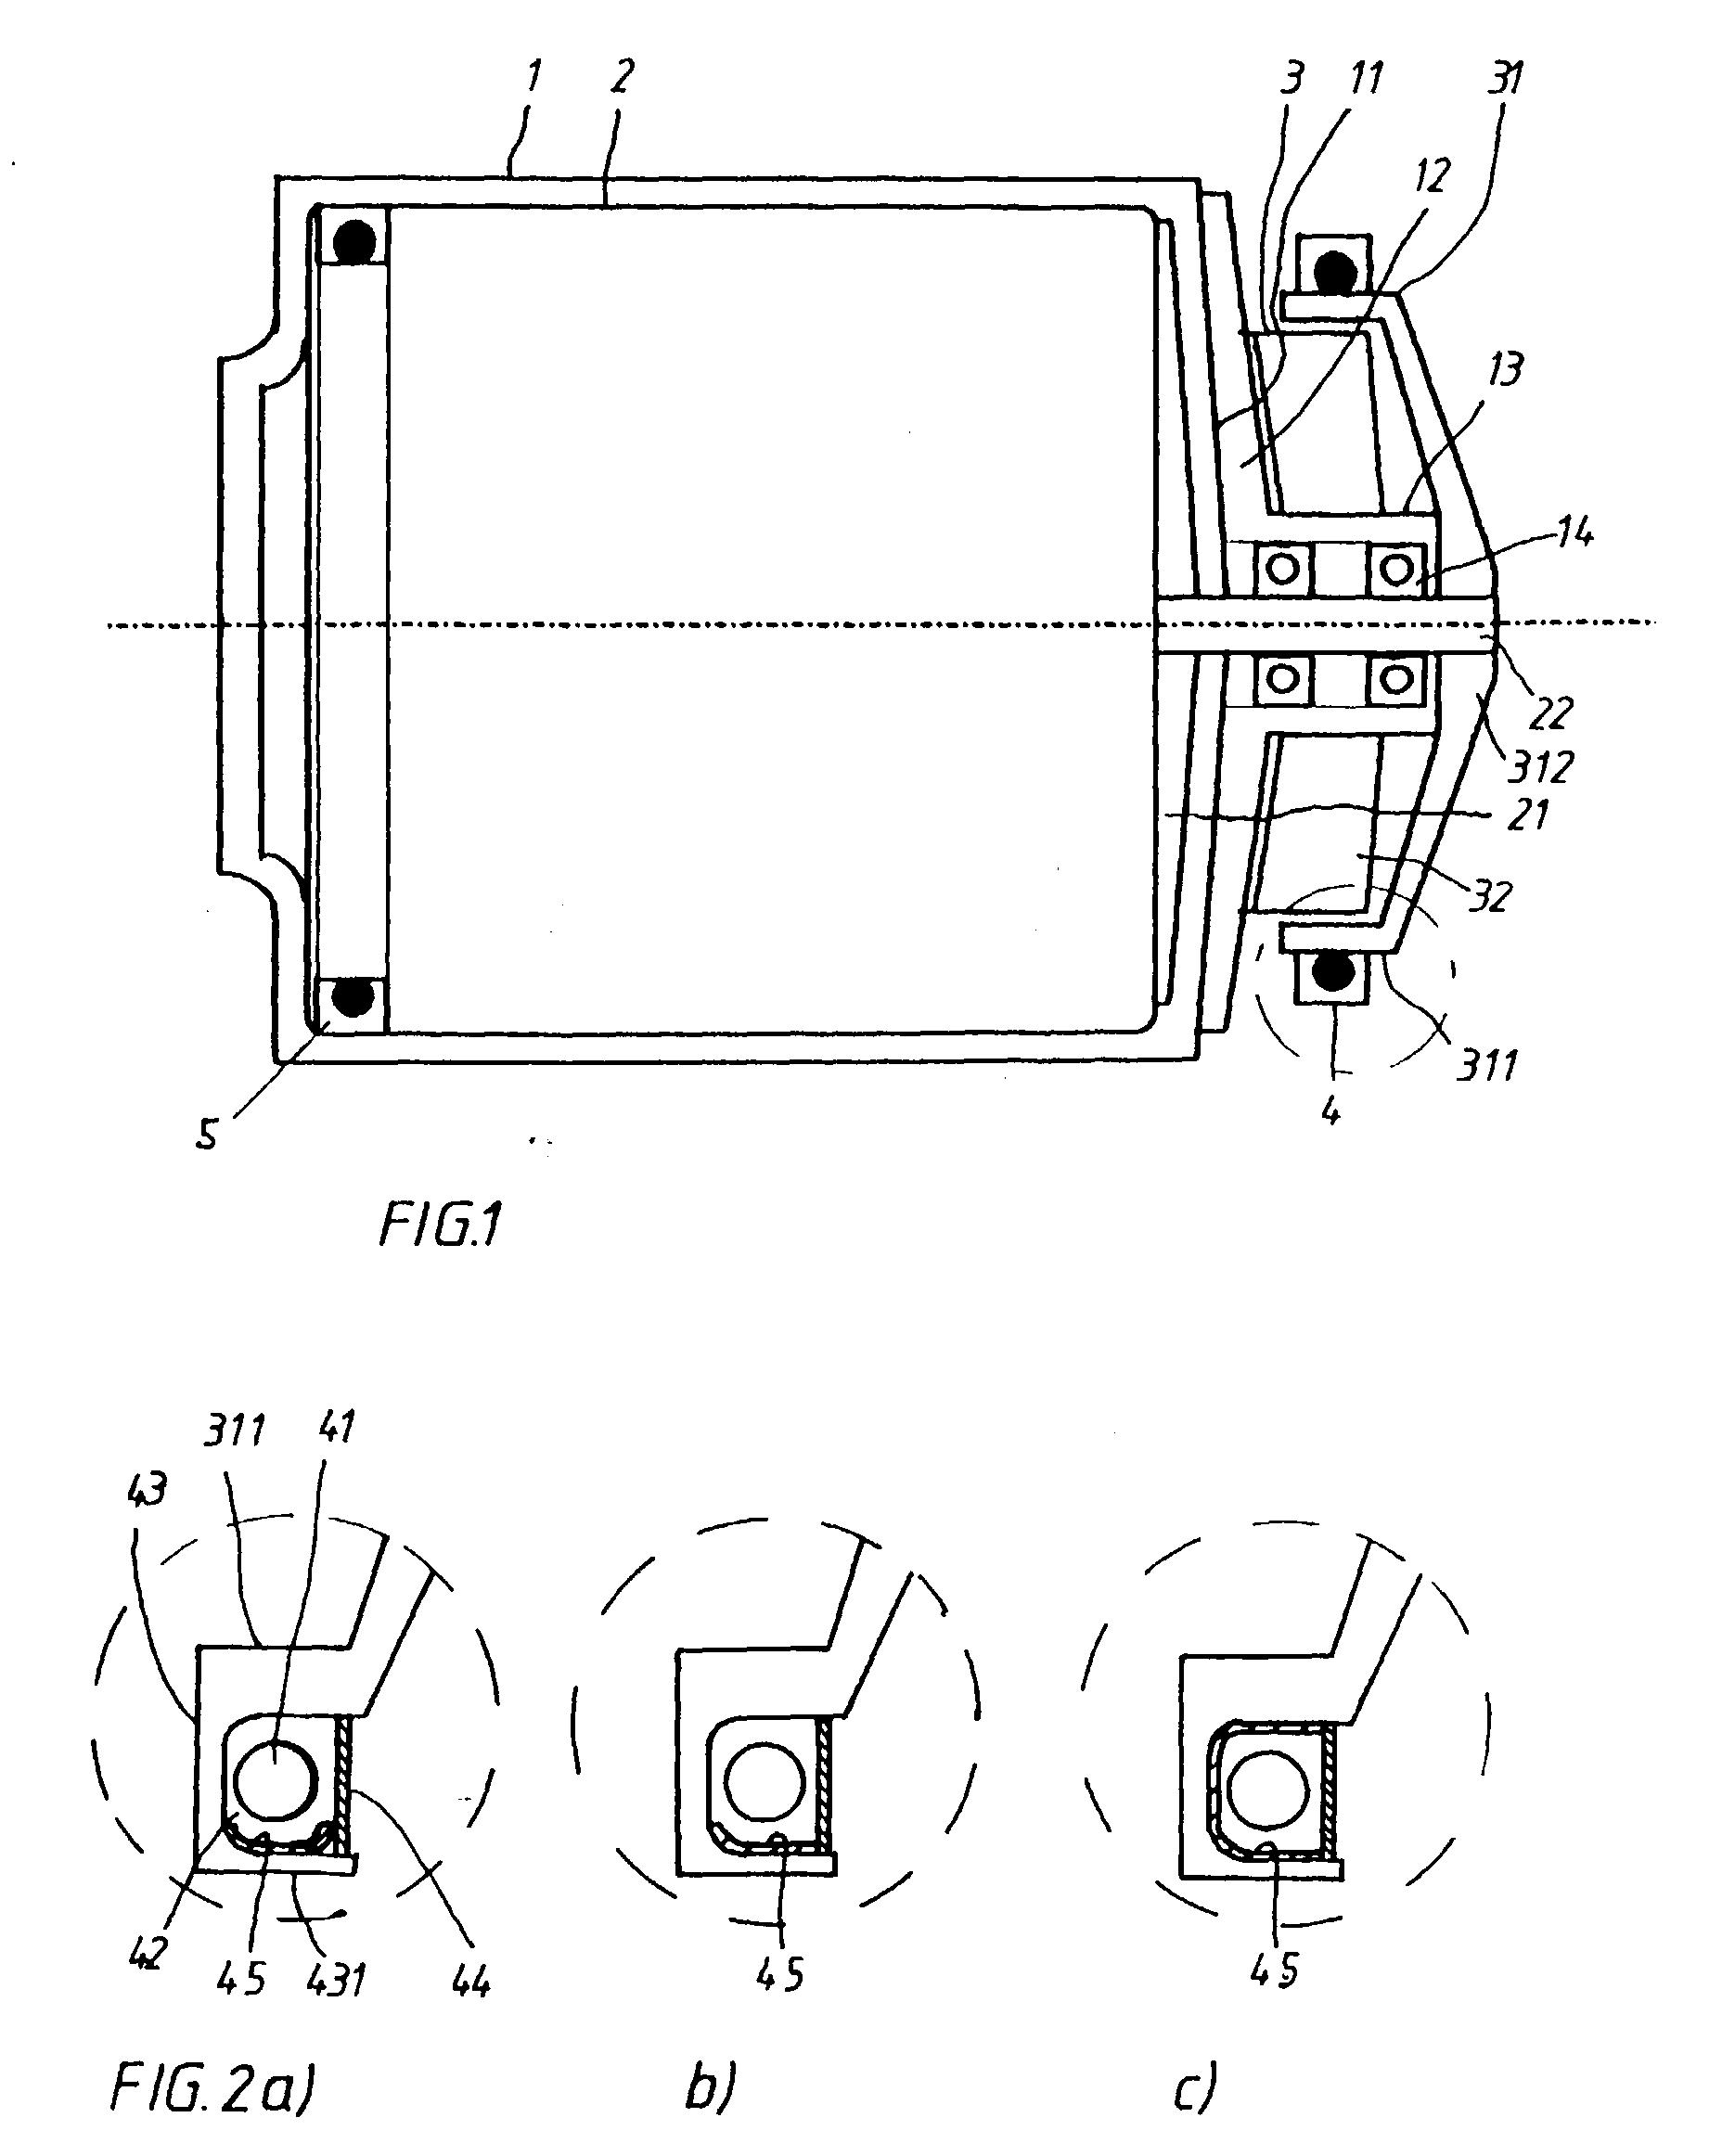 patent ep0997568a1  waschmaschine oder waschtrockner  ~ Waschmaschine Oder Waschtrockner